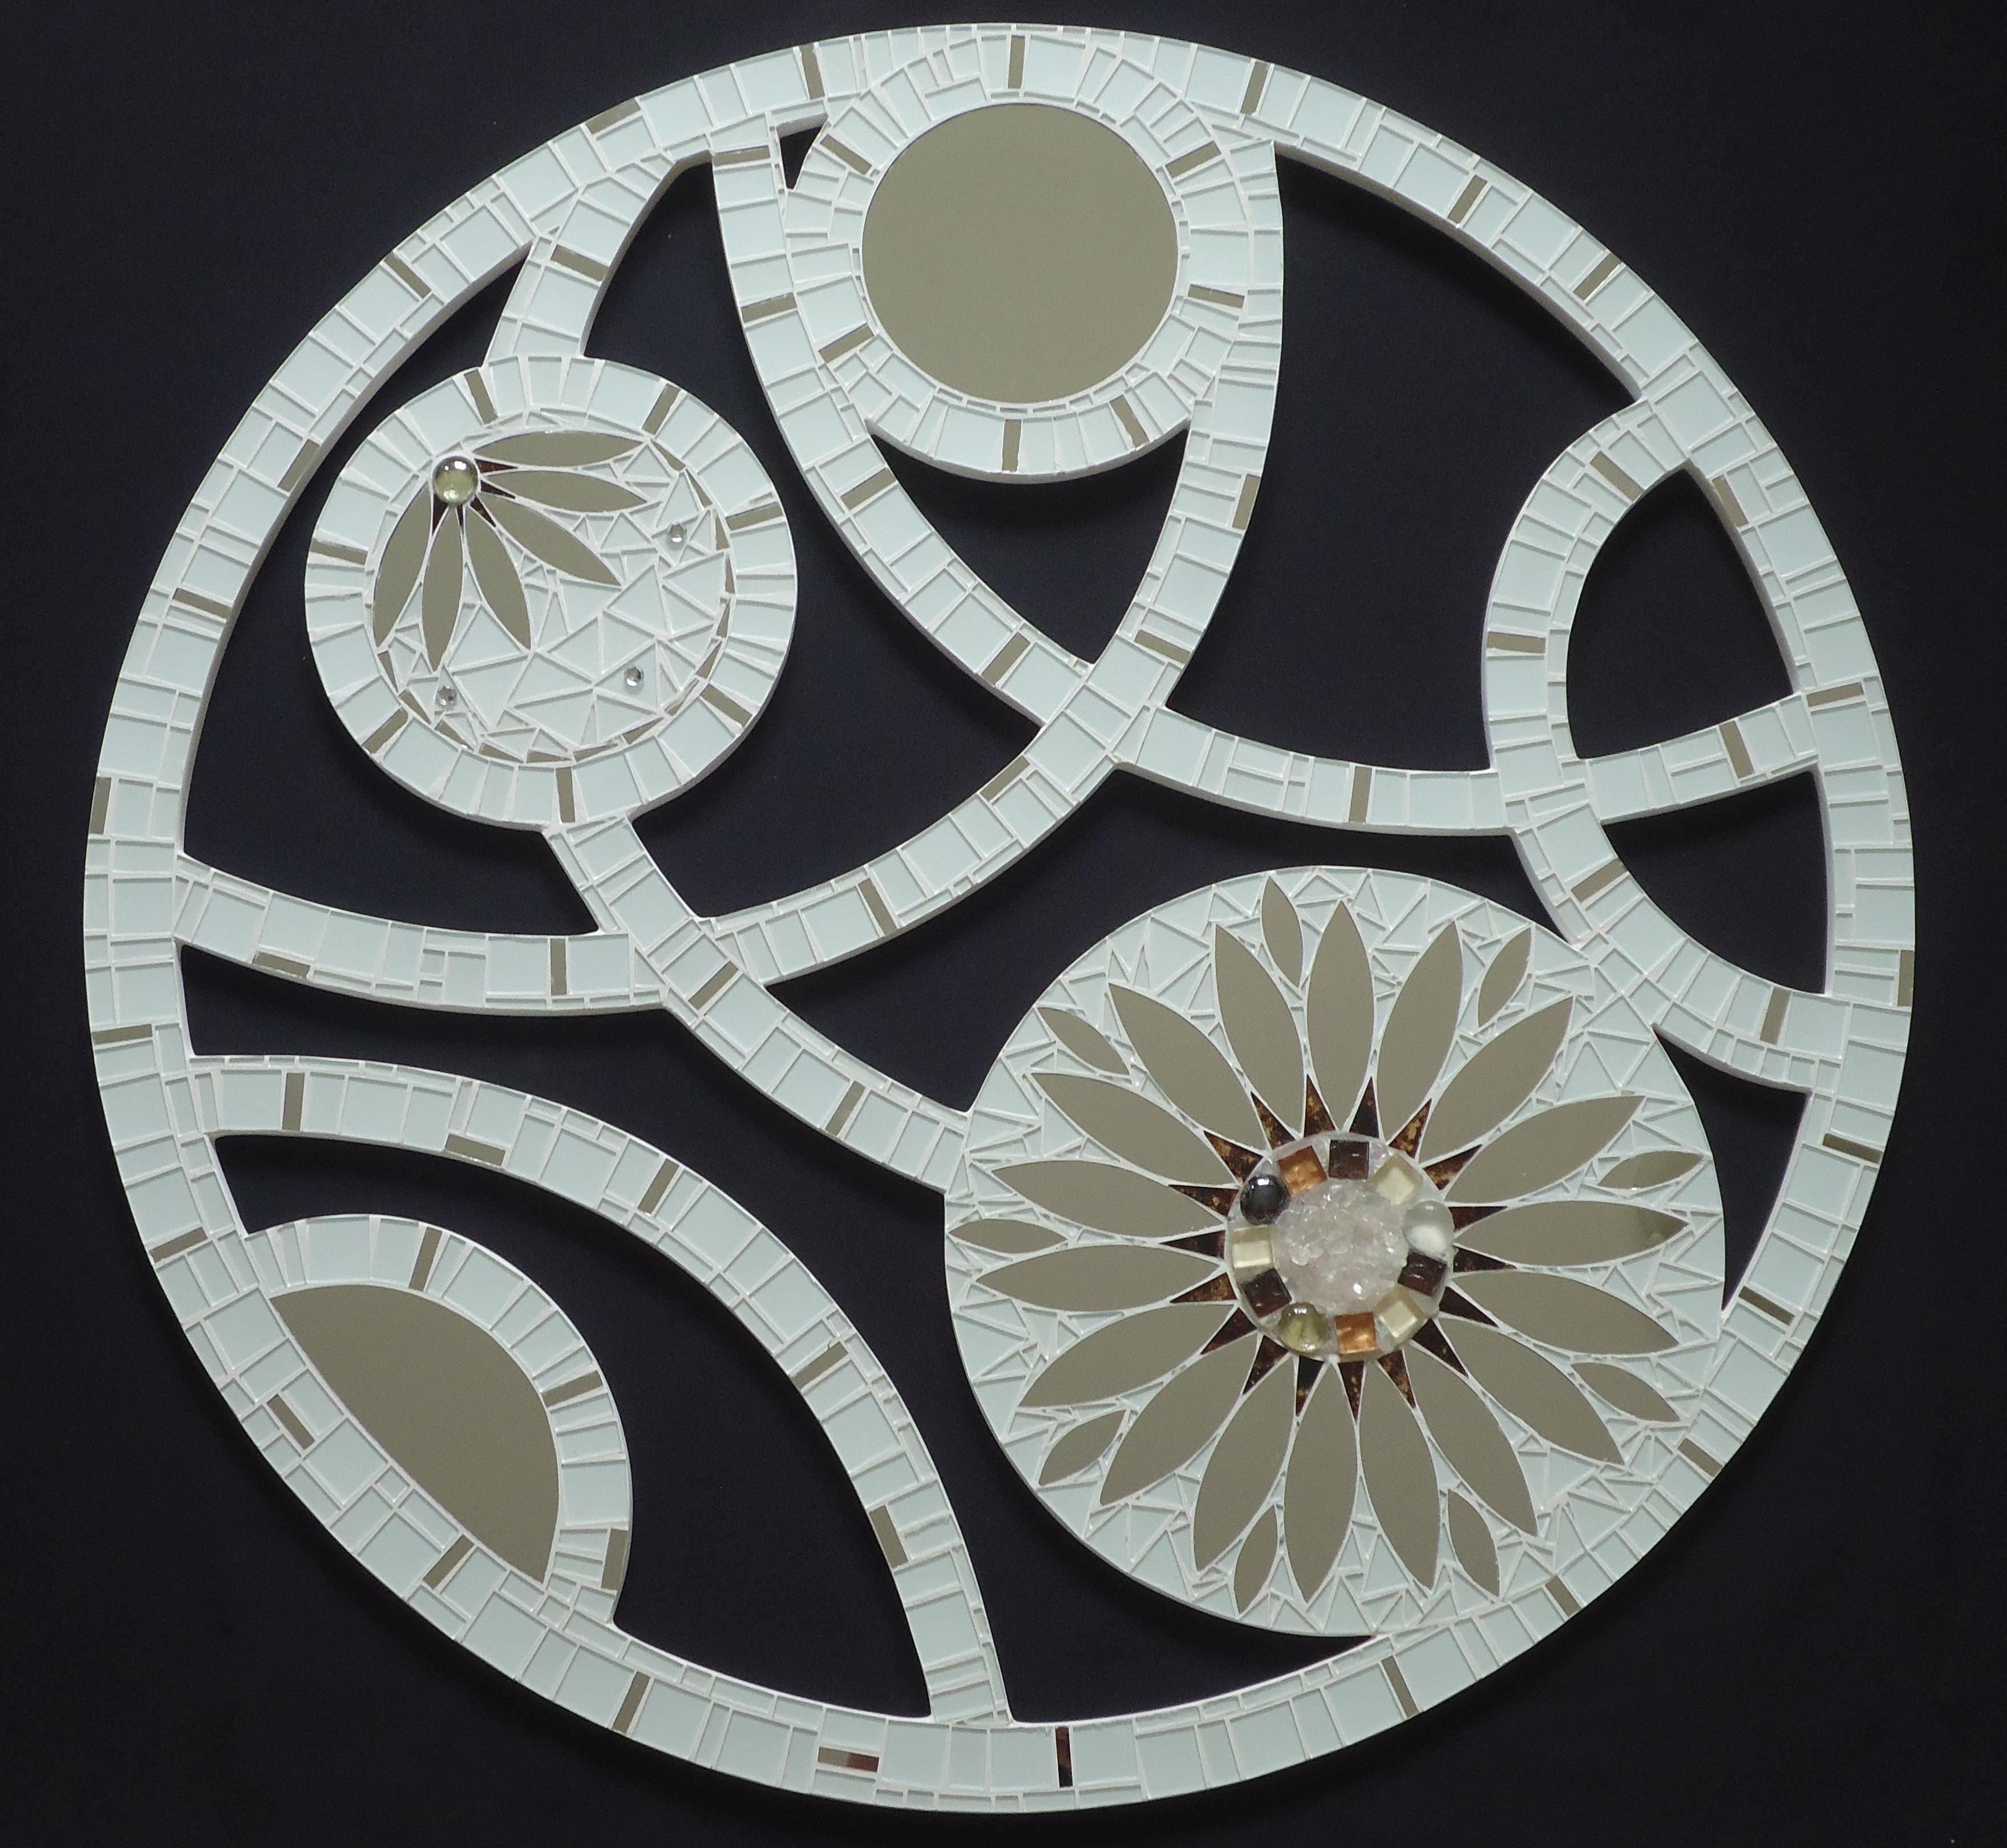 Mandala em 70cm vazada cl o mosaicos elo7 for Cuadros mandalas feng shui decoracion mandalas